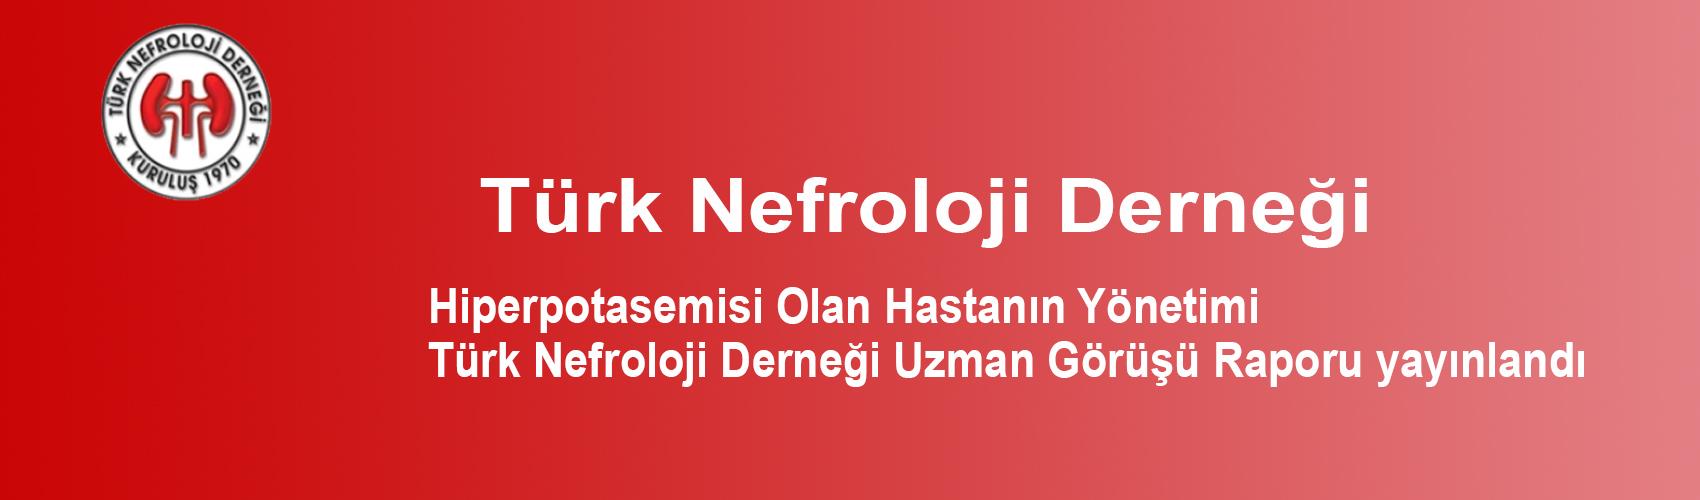 Türk Nefroloji Derneği Slide: Hiperpotasemisi Olan Hastanın Yönetimi - Türk Nefroloji Derneği Uzman Görüşü Raporu yayınlandı